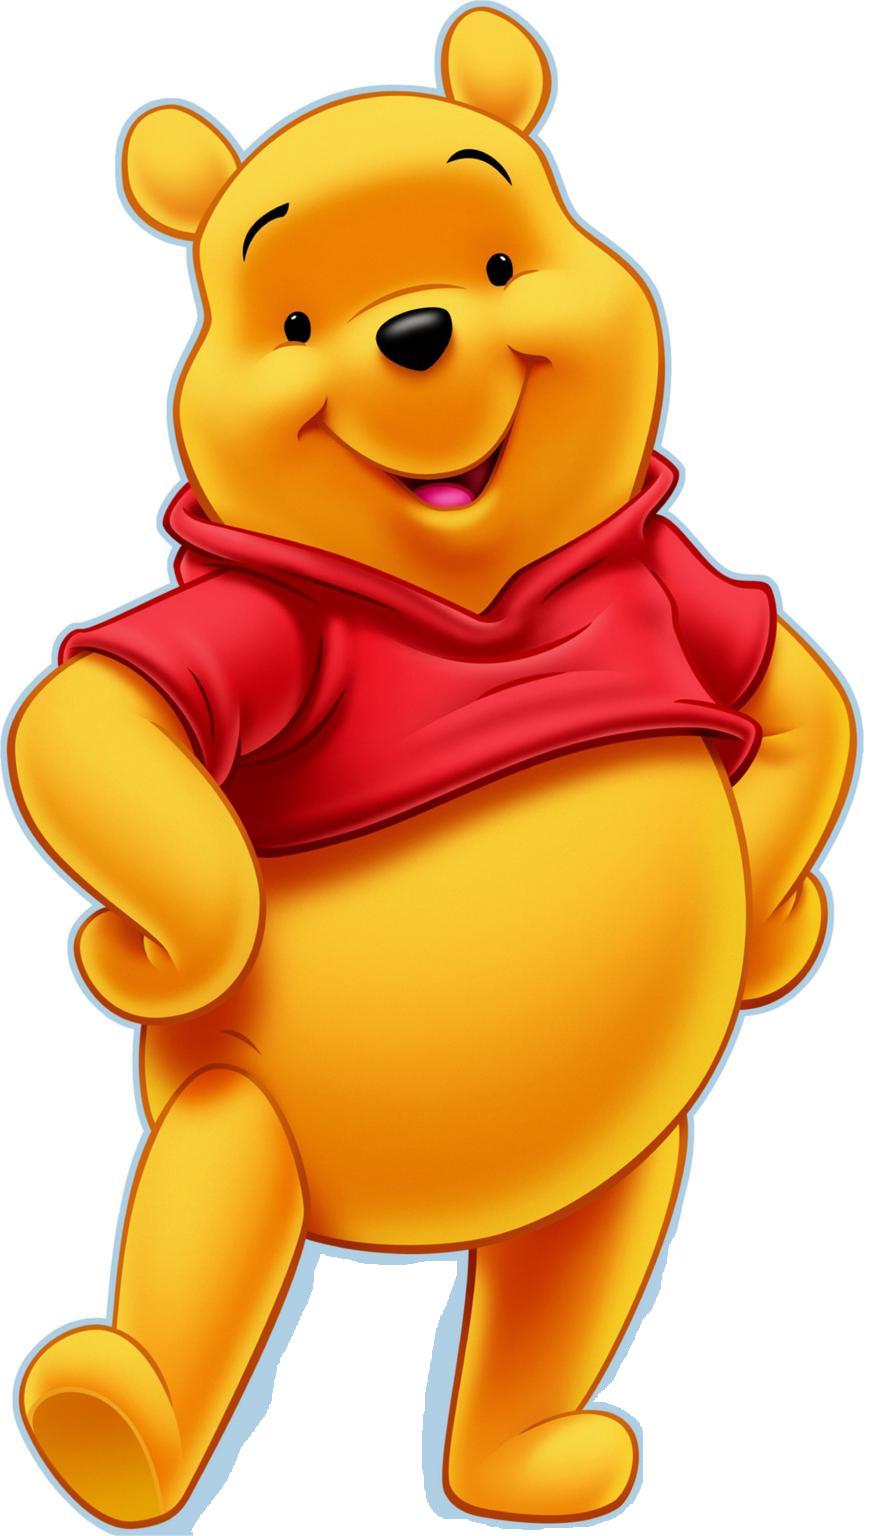 Winnie the Pooh   The Parody Wiki   Fandom powered by Wikia